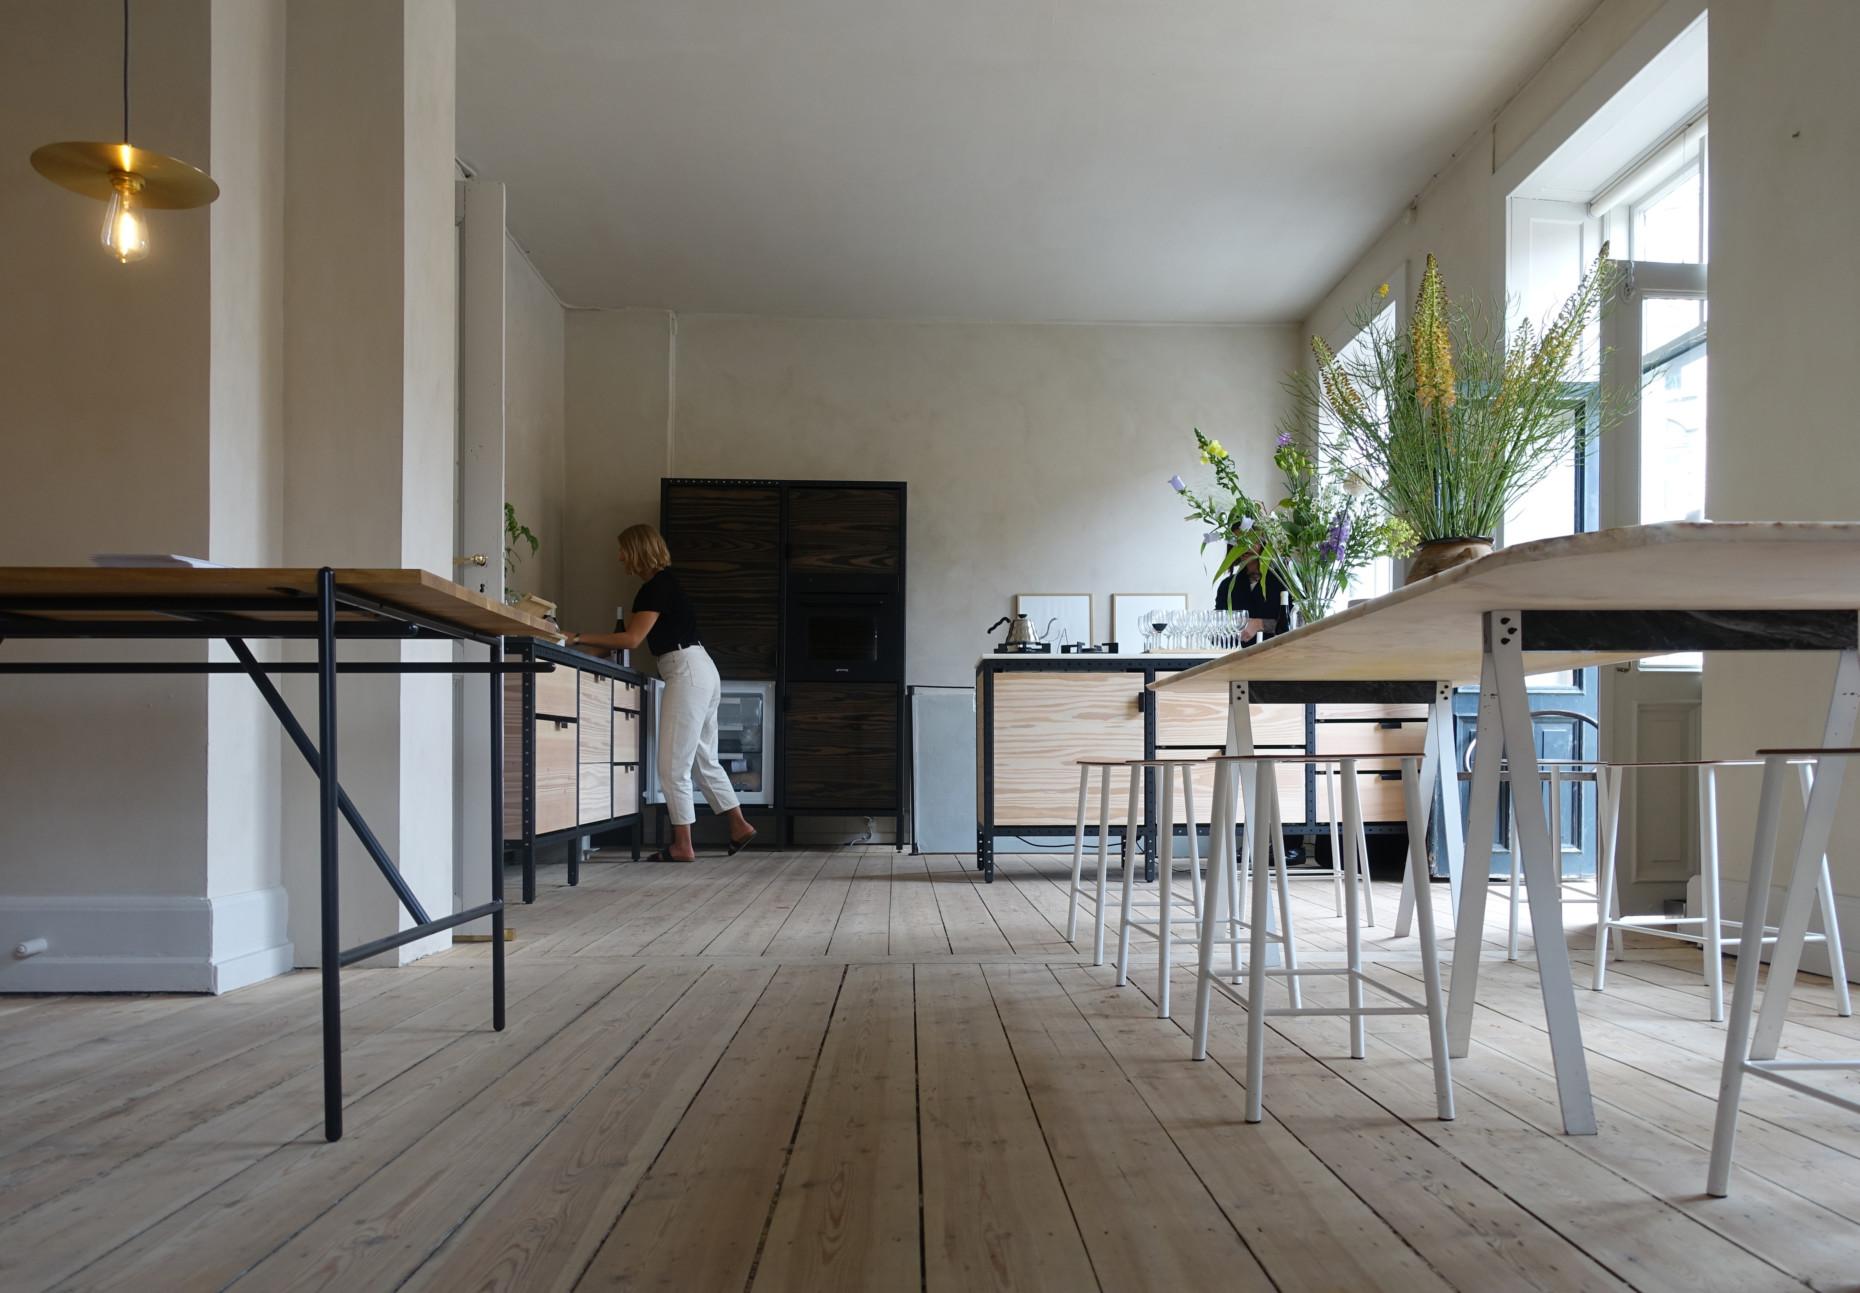 Kitchen design by Frame Copenhagen, modular kitchen